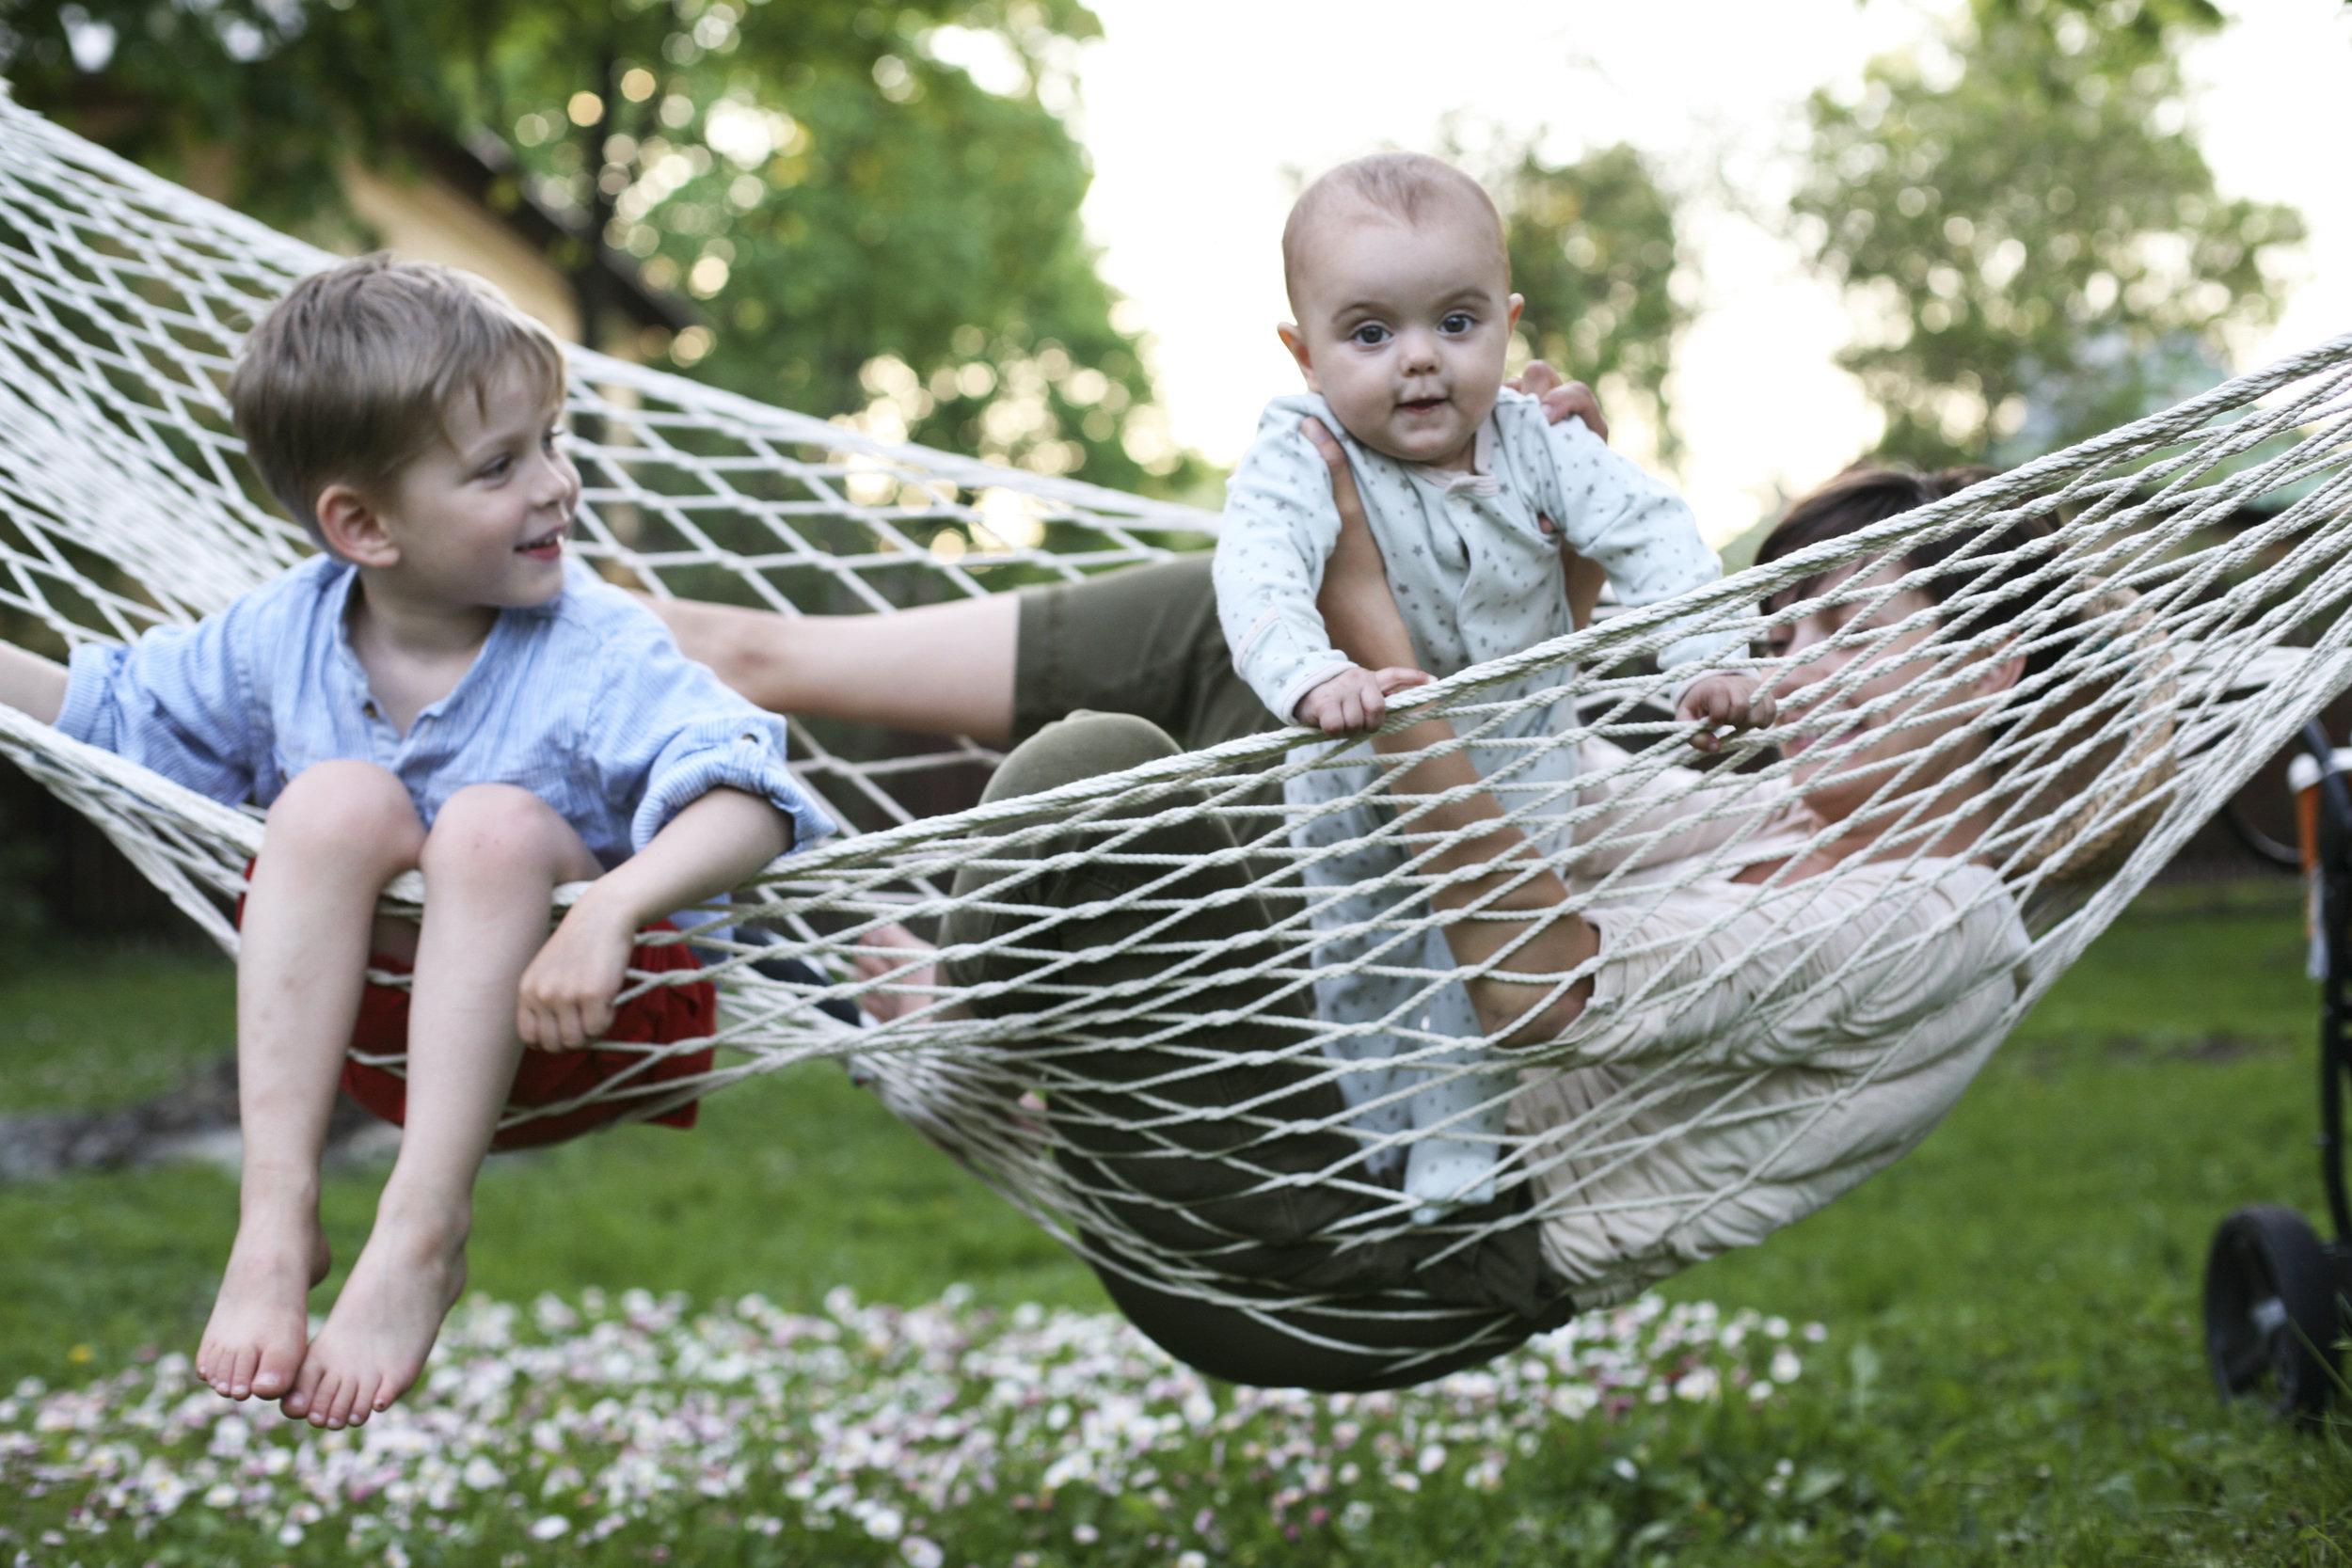 Looteeas, väikelapsed ning arenevas eas noorukid on mürkidw suhtes kõige haavatavamad.